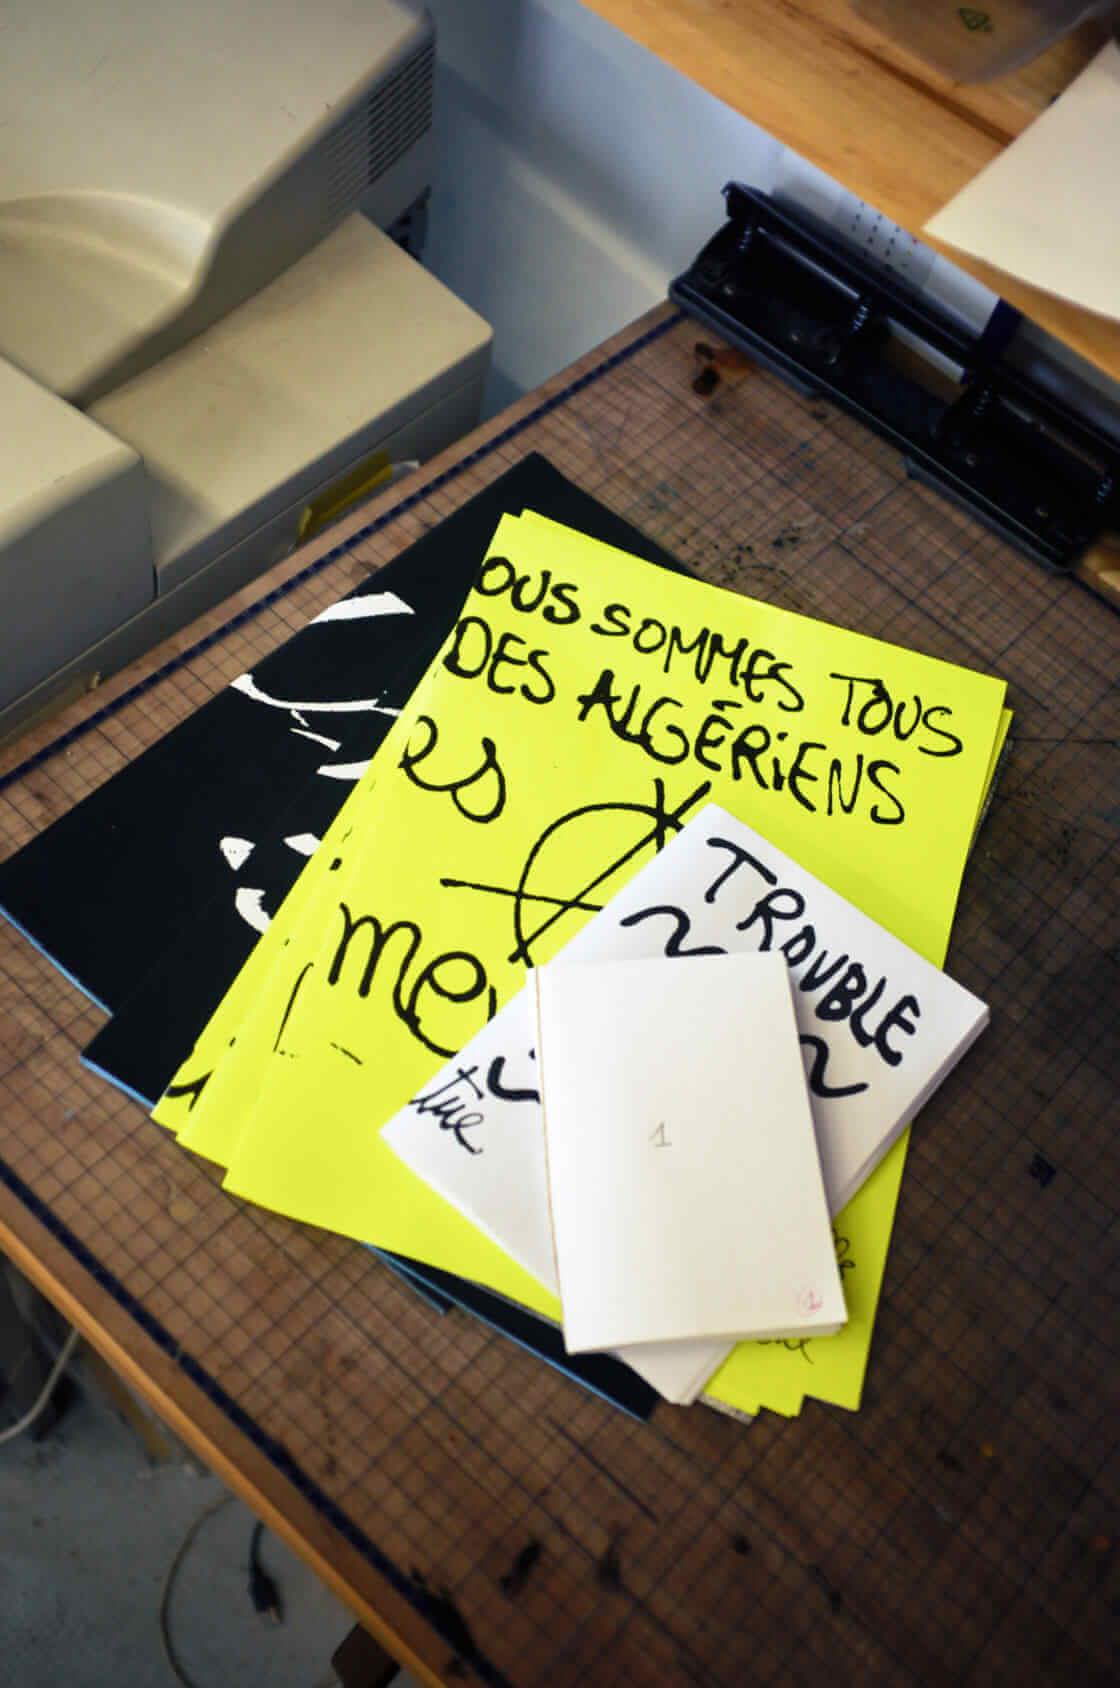 ensemble des creations projet defense d'afficher par rotolux press